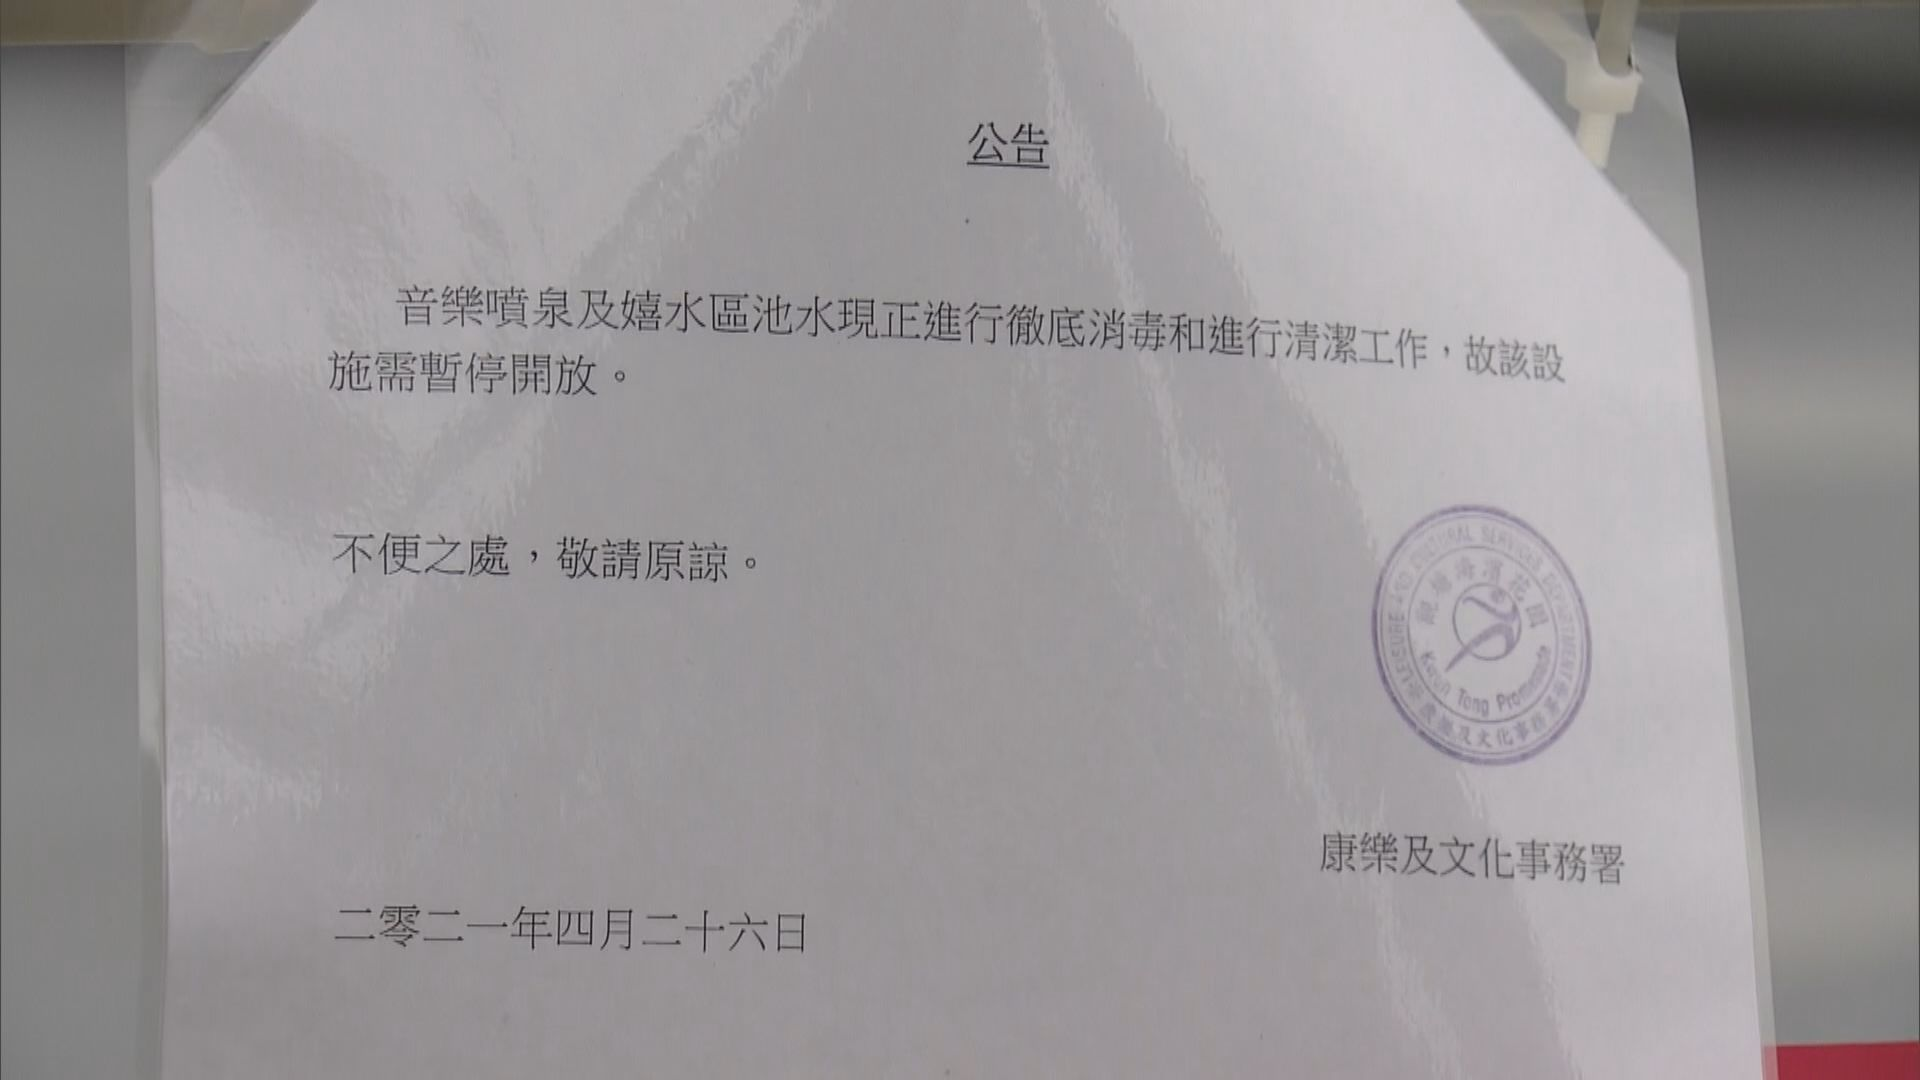 【大量泡沫】觀塘海濱音樂噴泉關閉直至另行通告